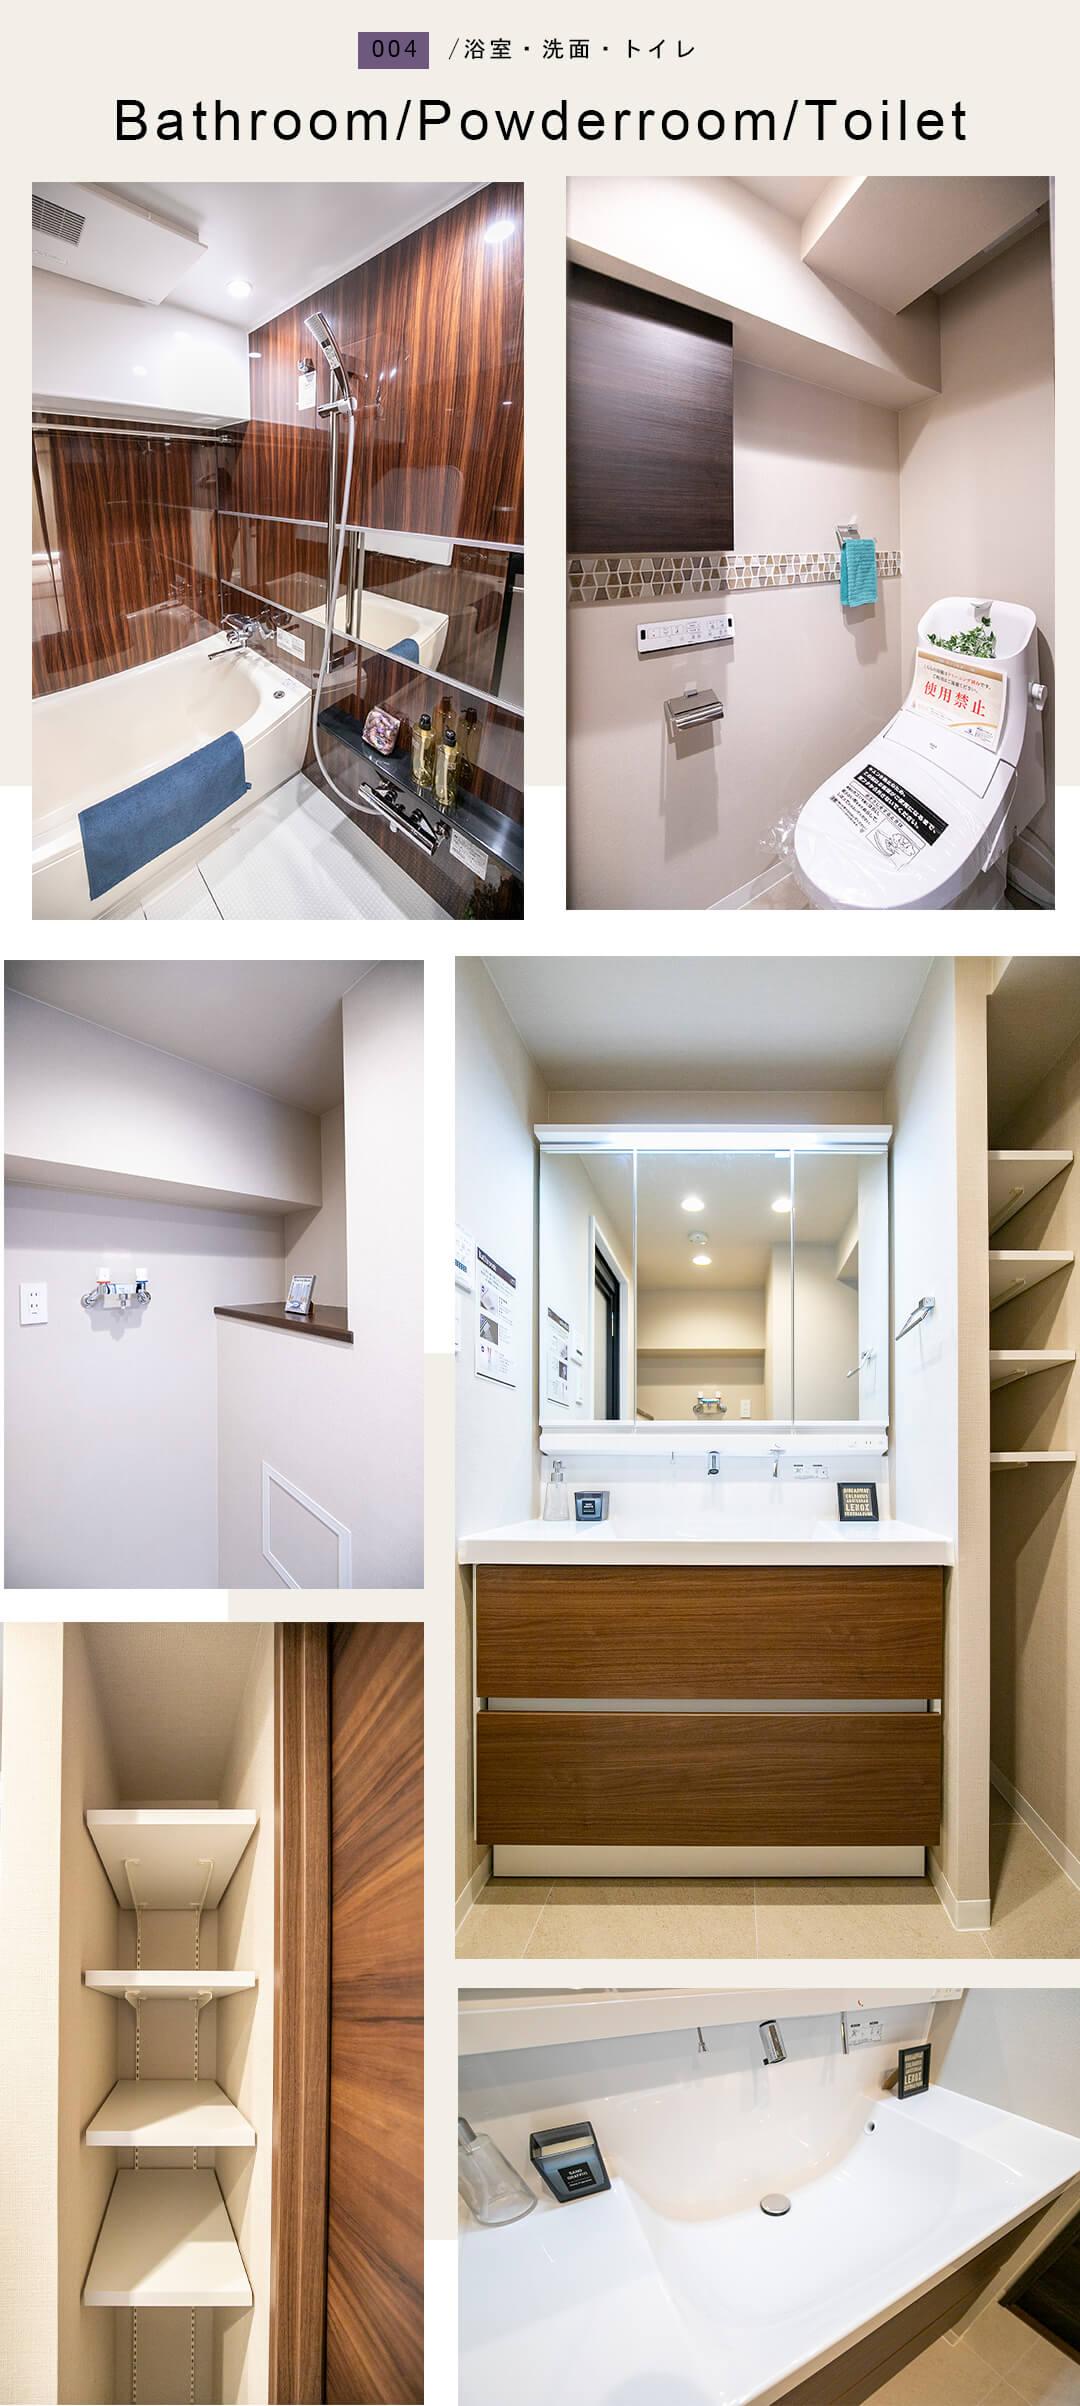 004浴室洗,面,トイレ,Bathroom,Powderroom,Toilet